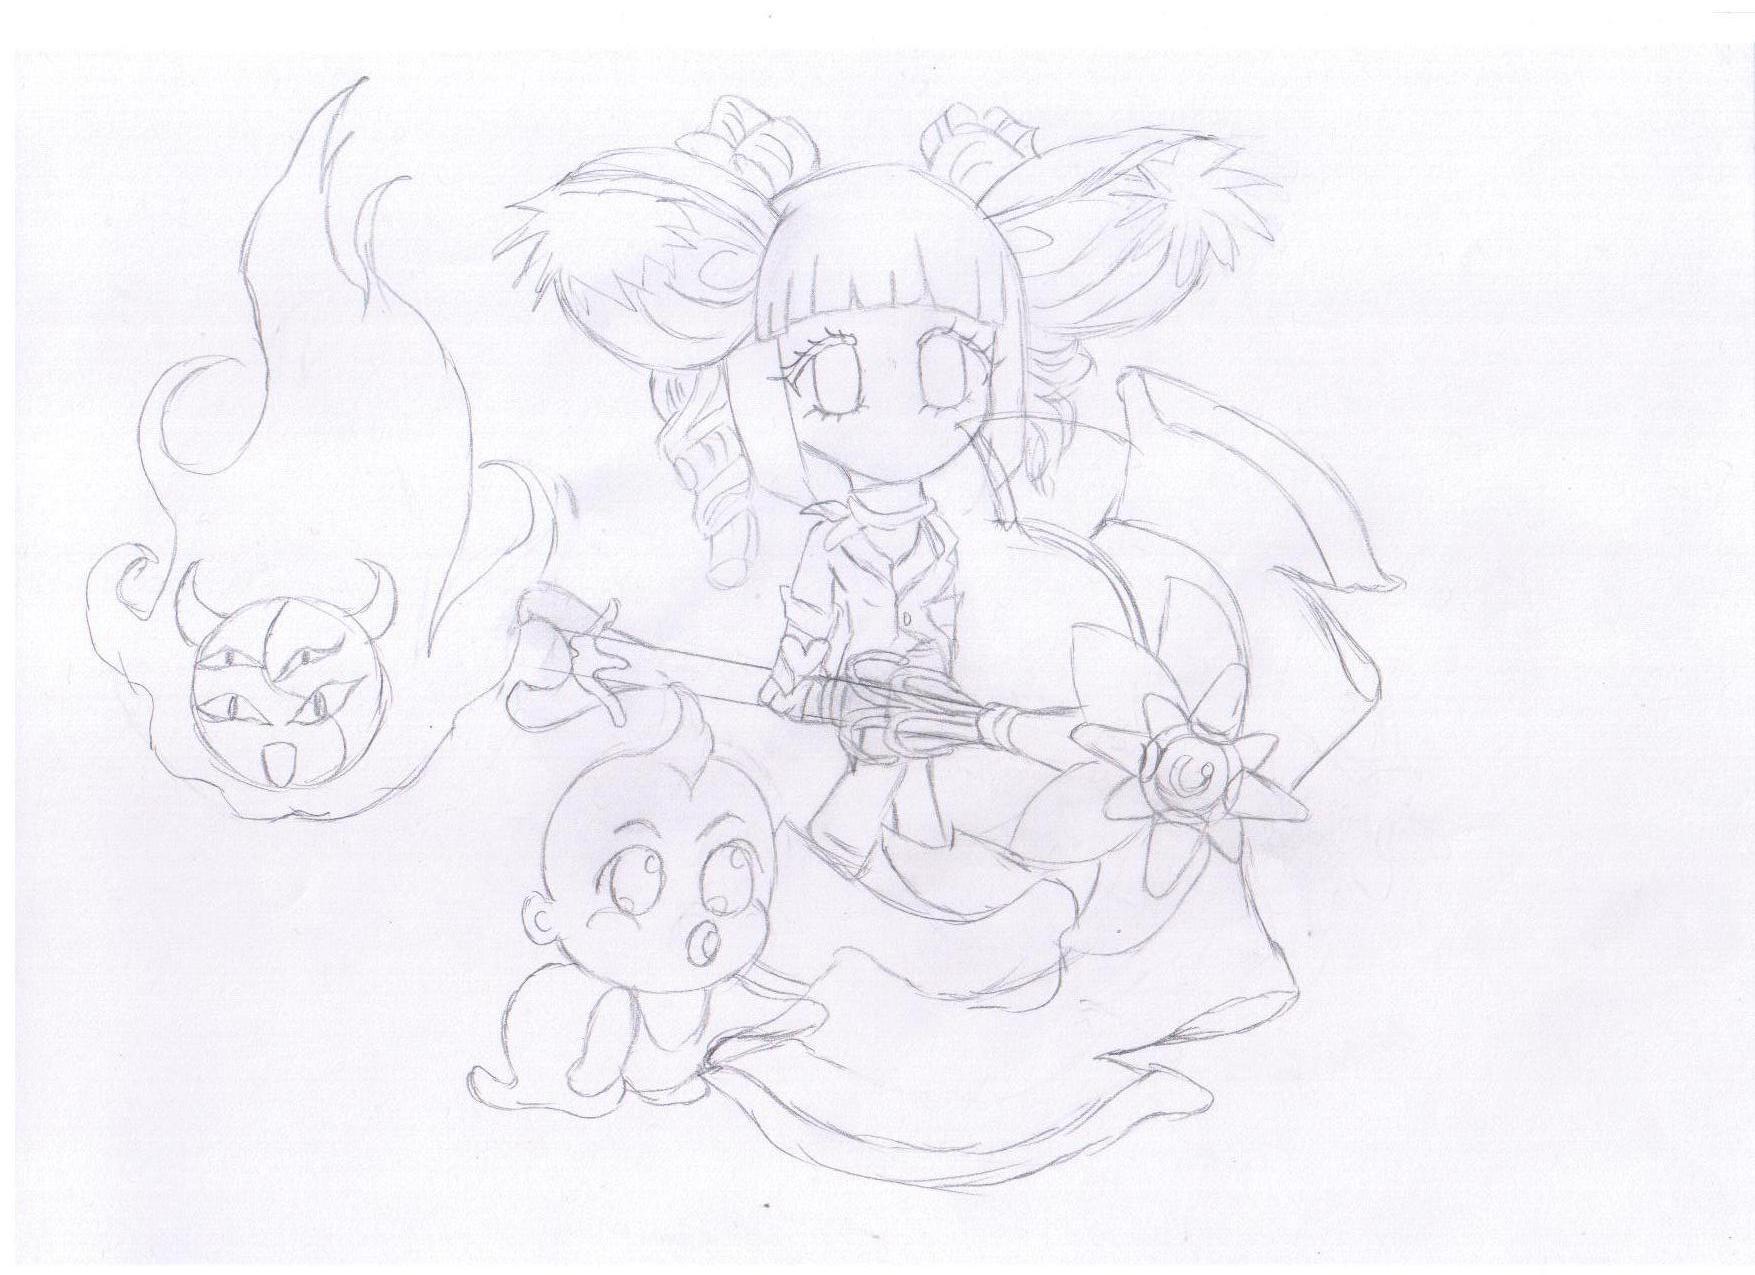 【手绘达人】---兔子水彩笔自画像